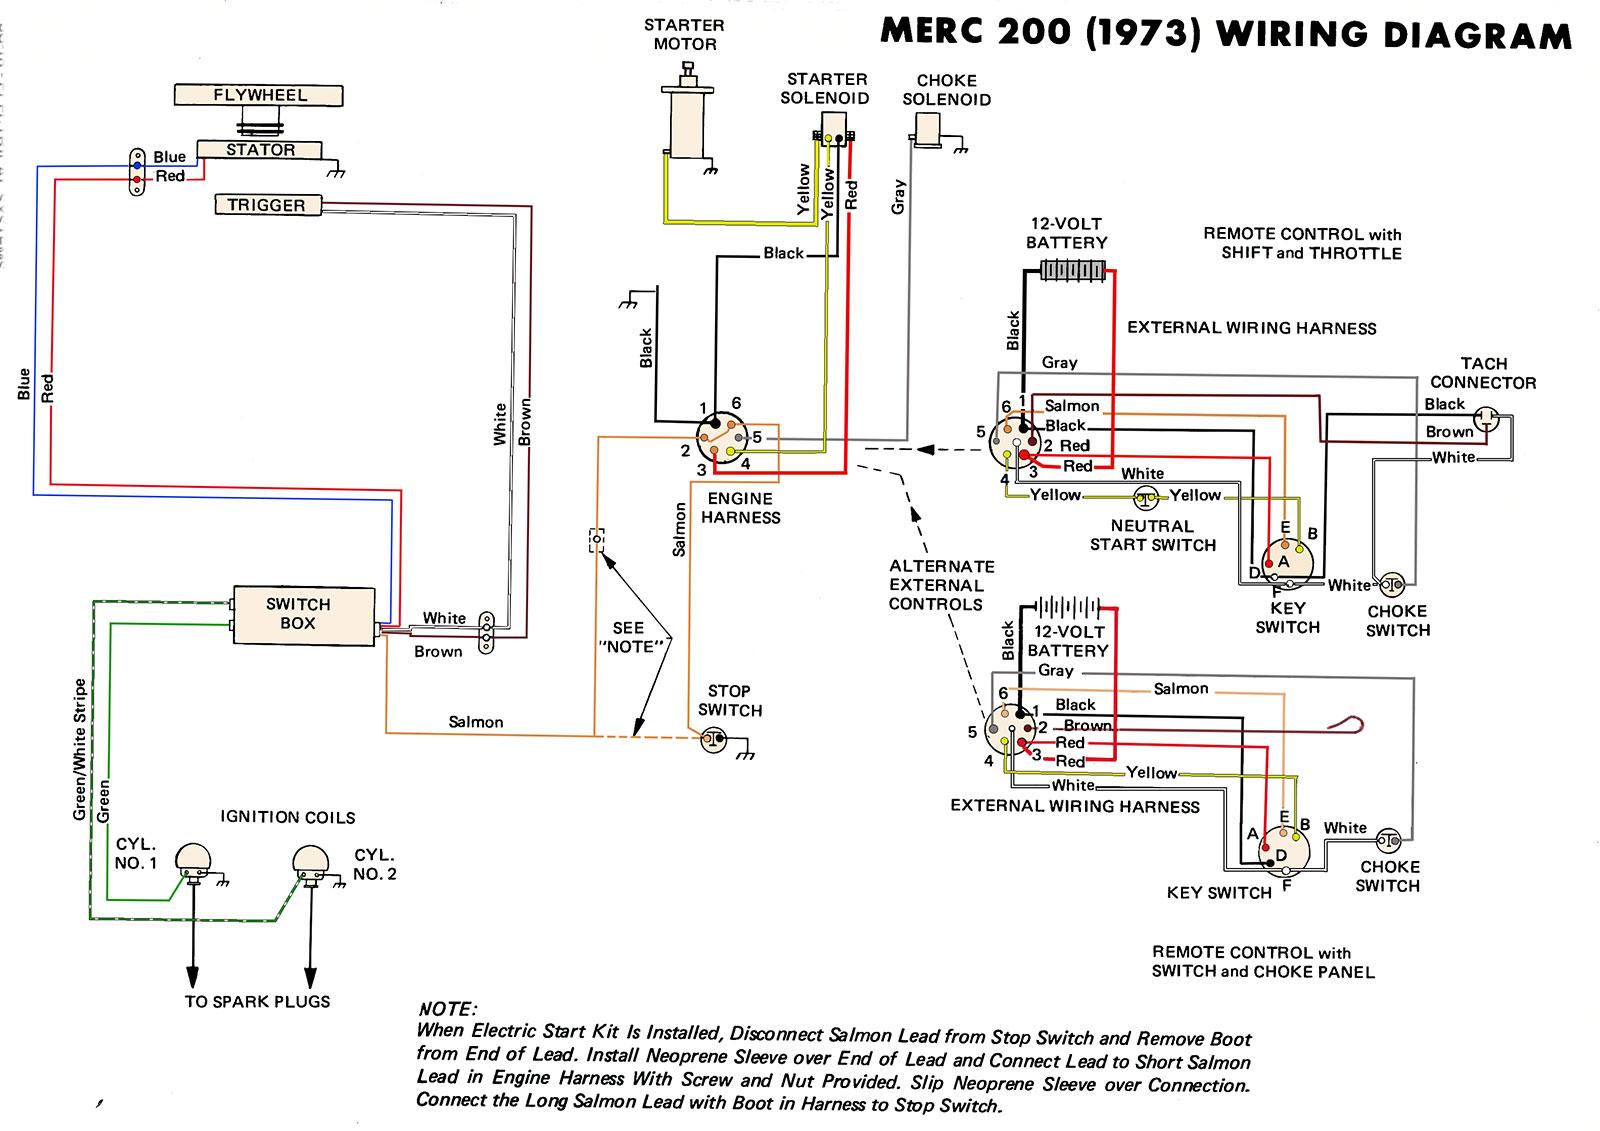 20HP_73?resize\\\\\\\\\\\\\\\\\\\\\\\\\\\\\\\=665%2C470 chrysler start wiring diagram chrysler wiring diagrams  at n-0.co